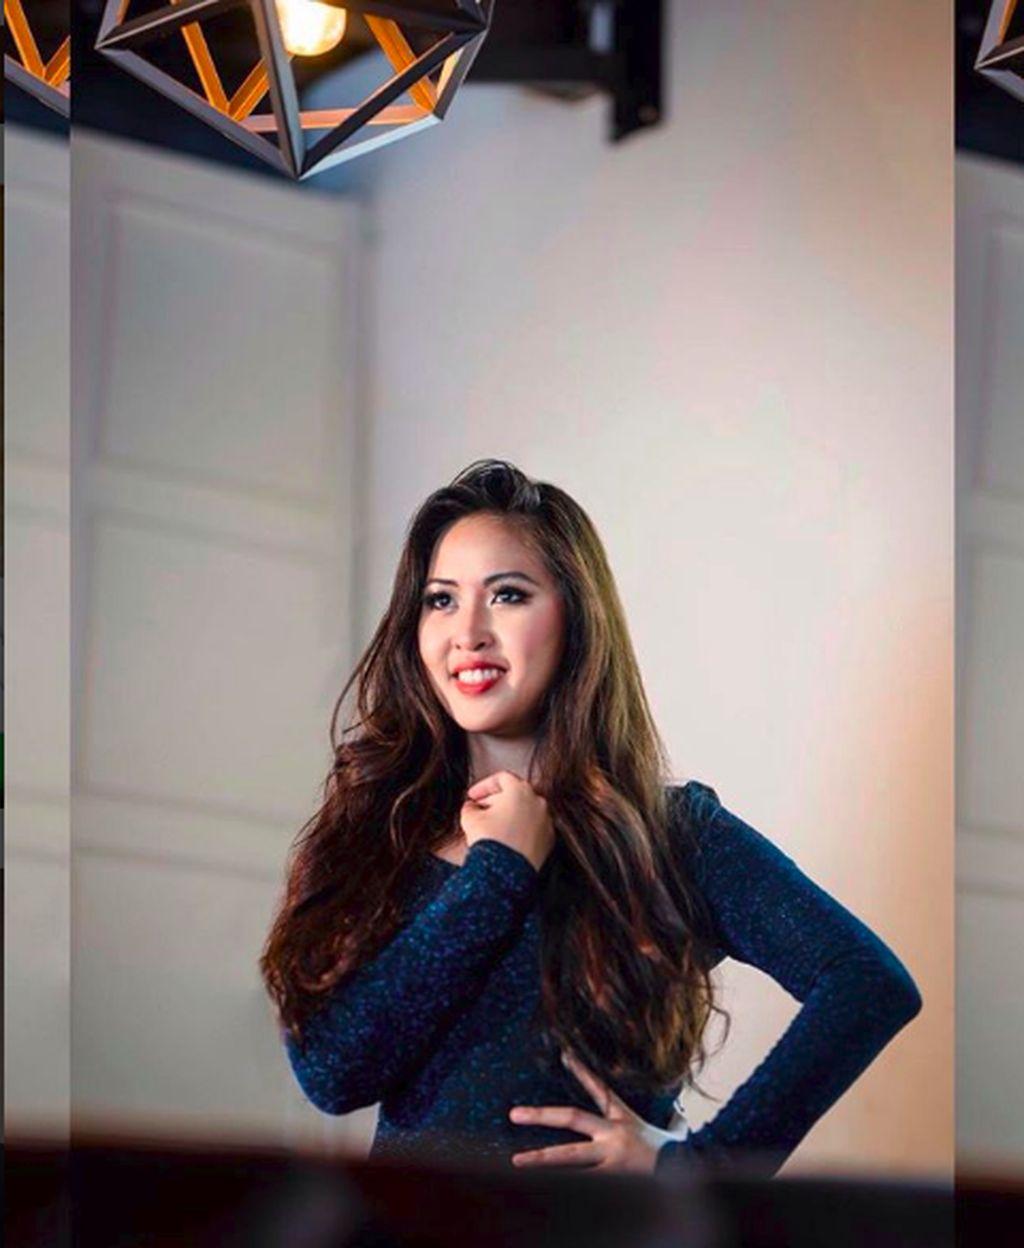 Kompetisi Miss Internet ini sudah tercetus dari 2013, namun baru skala Bali saja. Baru 2017, dinaikkan ke tingkat nasional. Foto: Instagram @marsyagusman